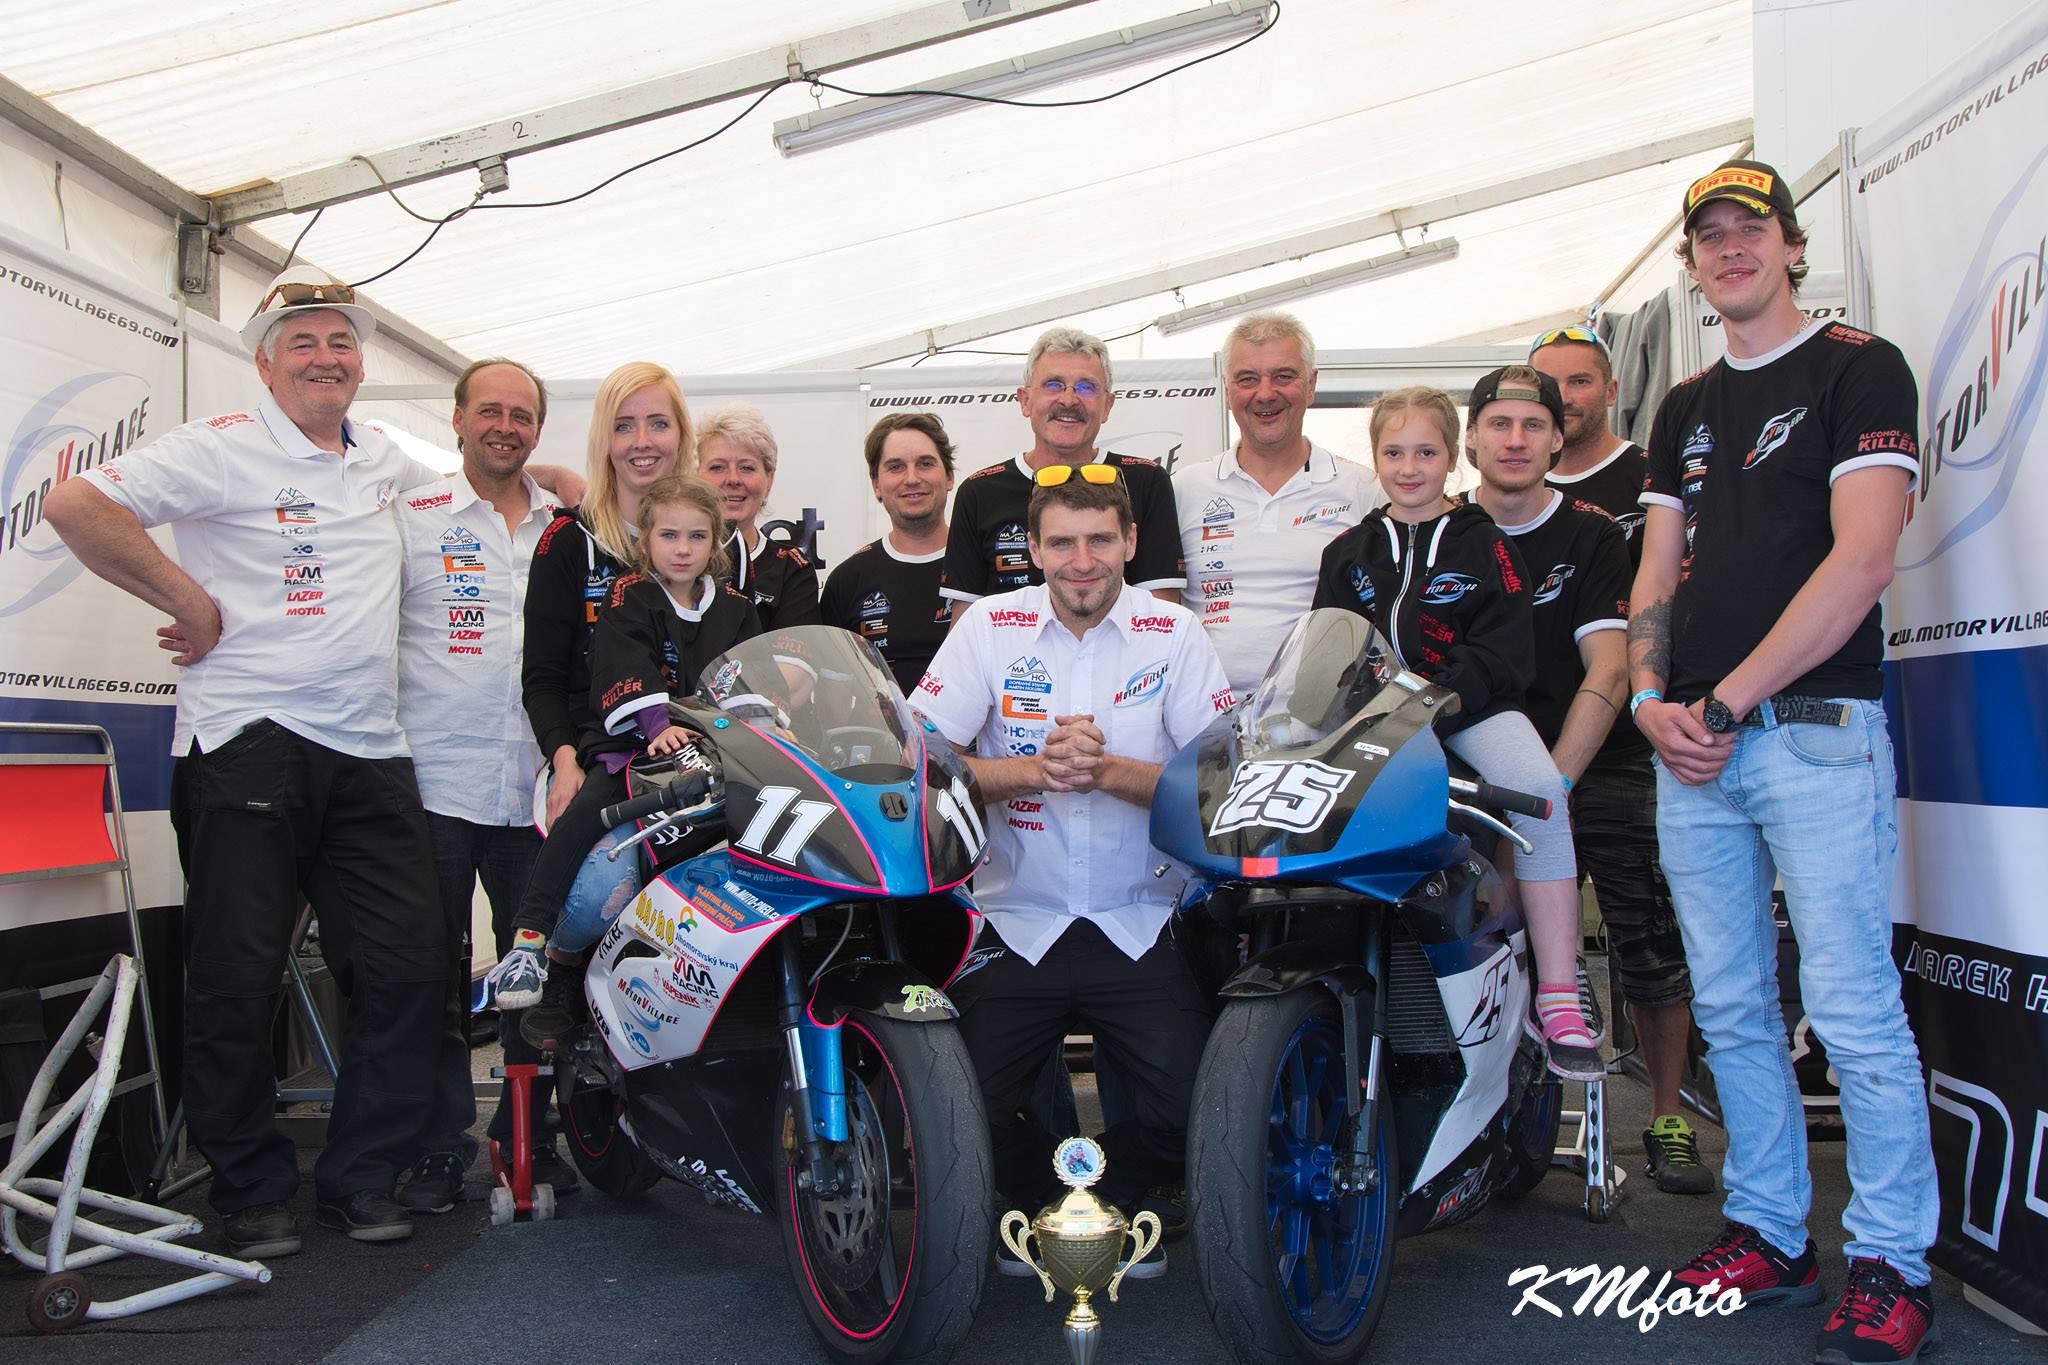 Pierre Coppa, Ital s českými kořeny se chystá na závod mistrovství světa Supersportů v Brně